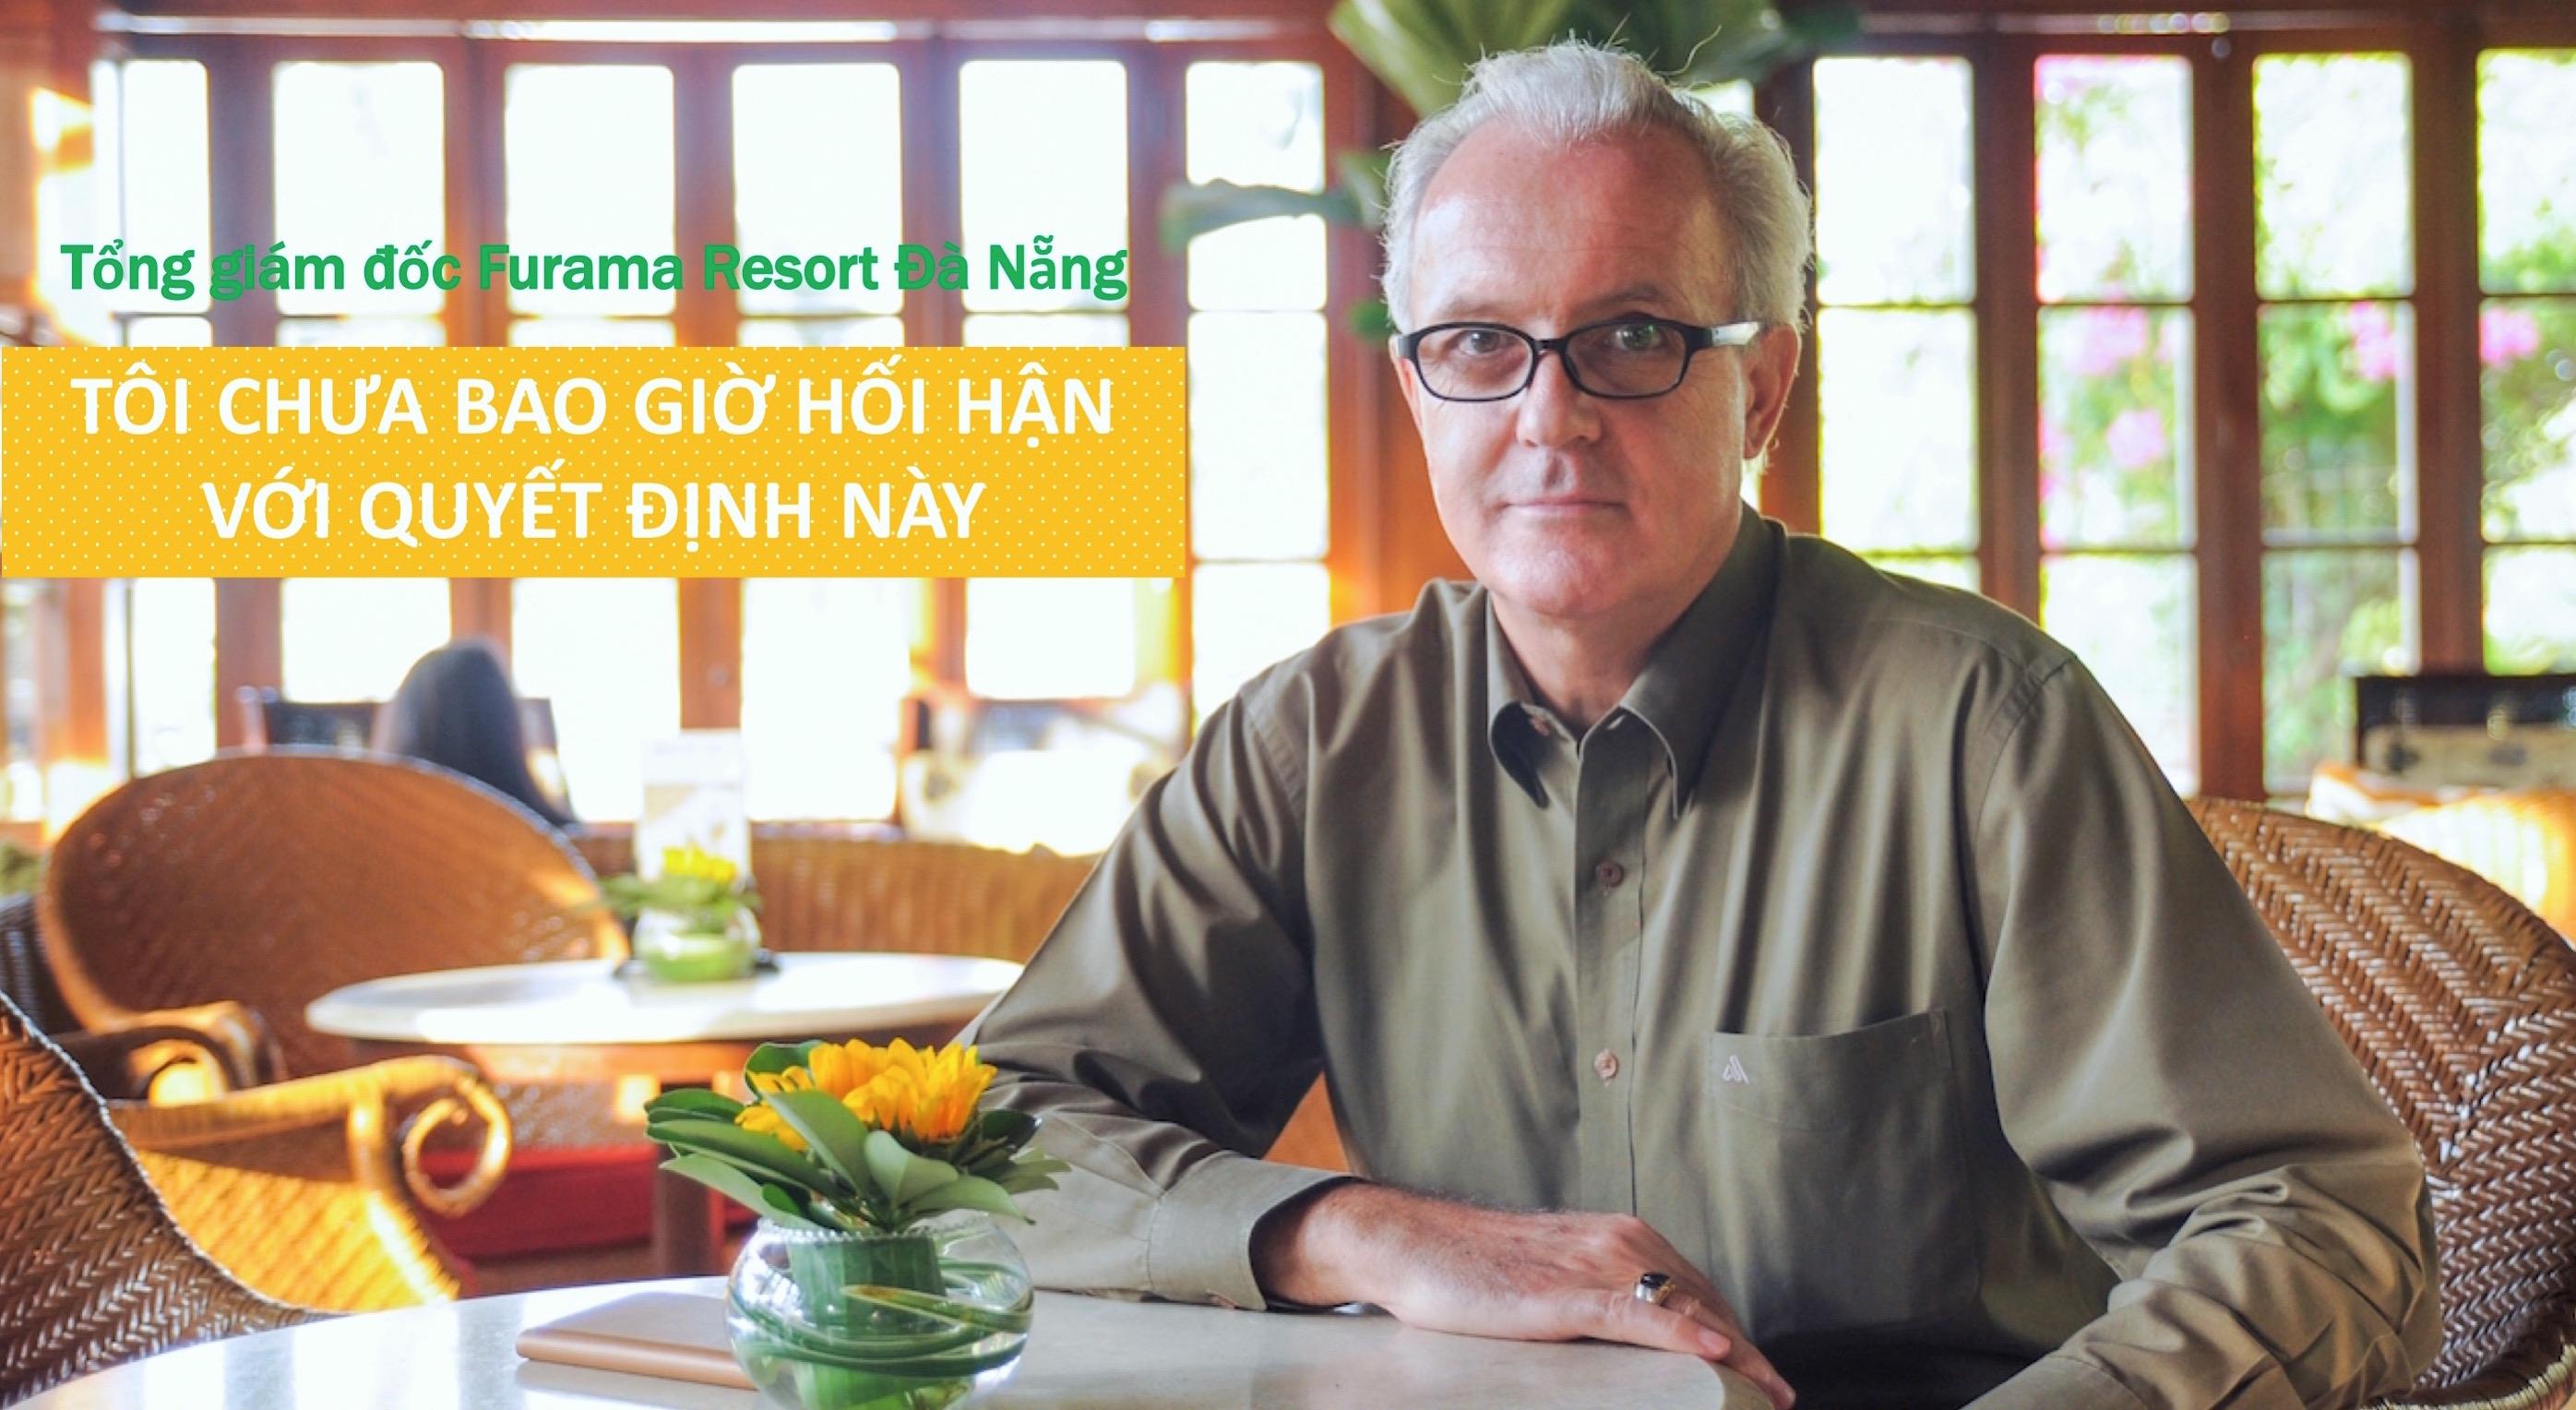 Tổng giám đốc Furama Resort Đà Nẵng: 'Tôi chưa bao giờ hối hận với quyết định này'